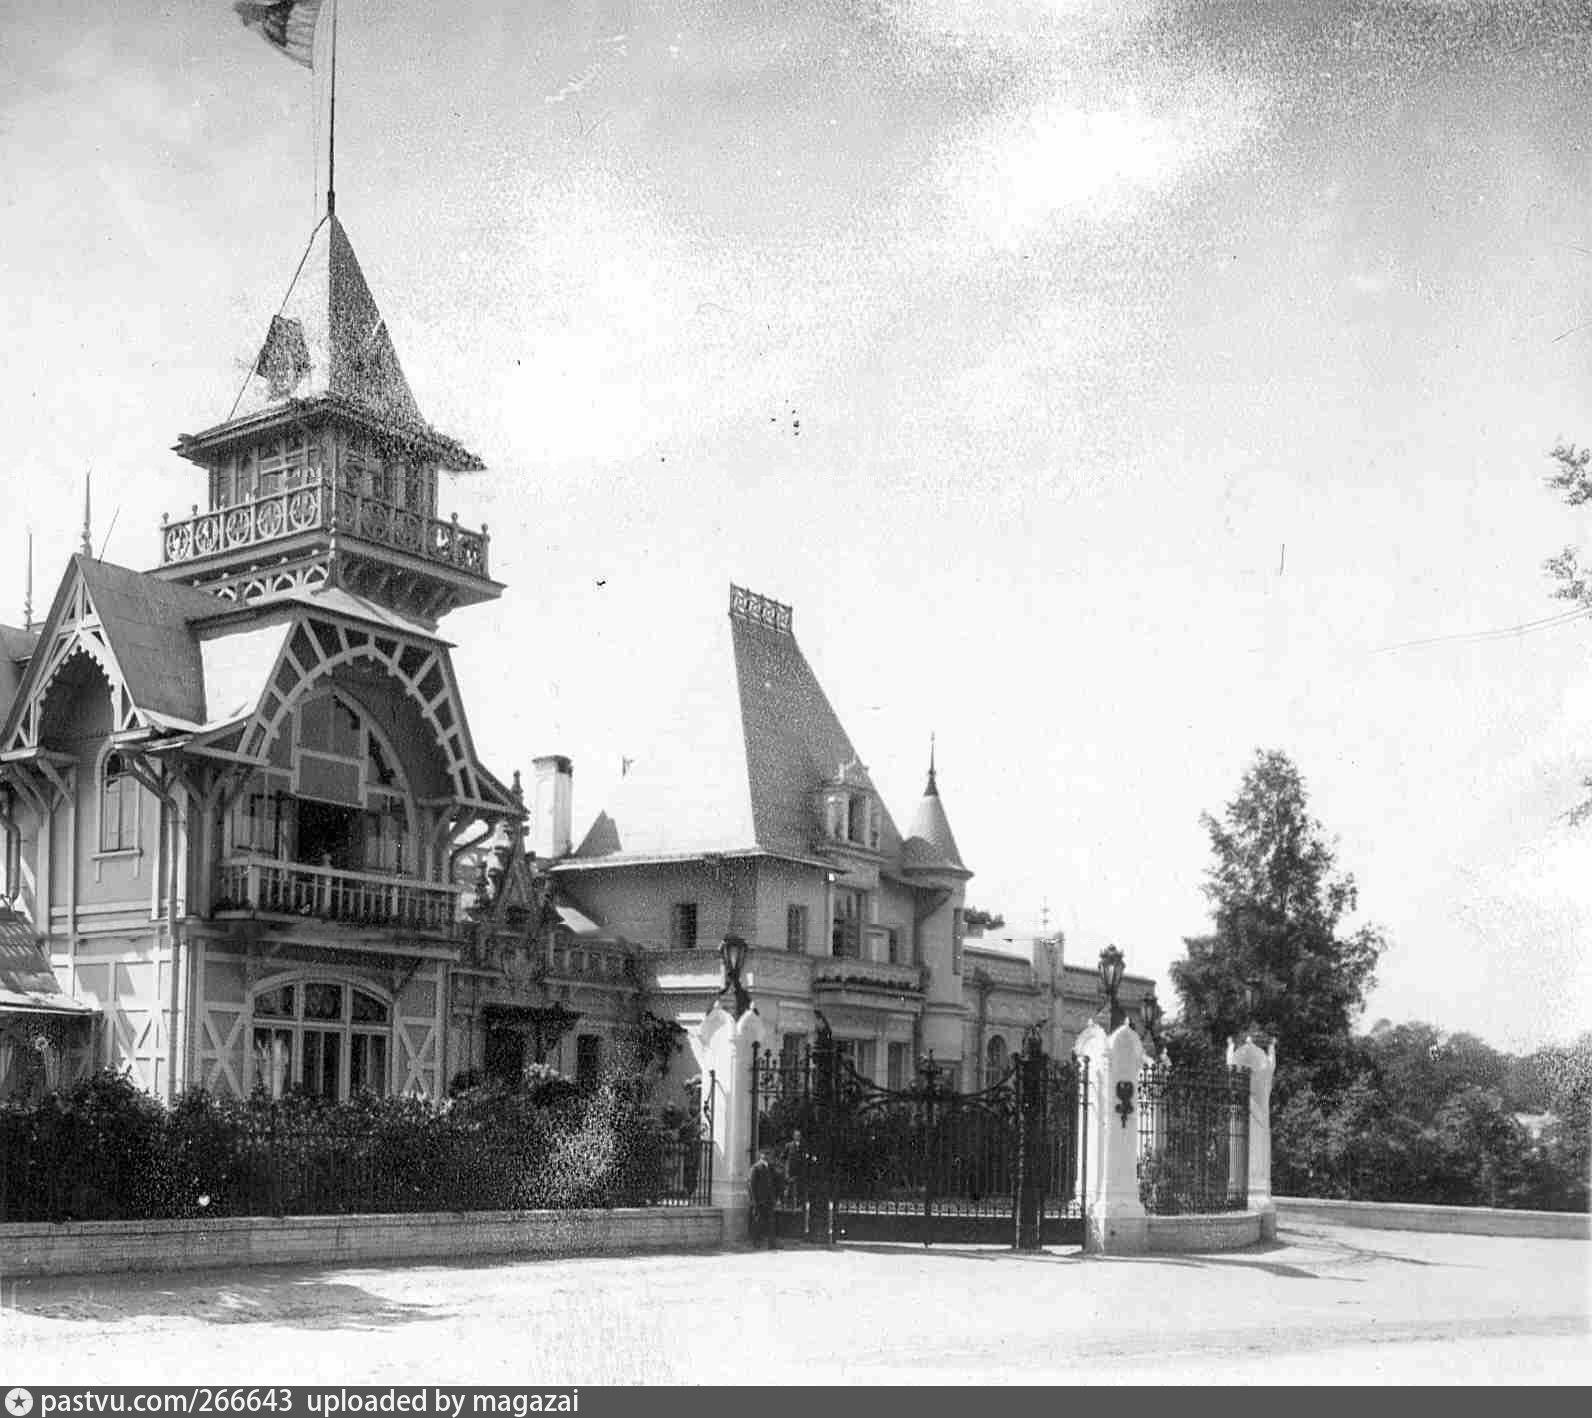 Исторического фото особняка Клейнмихель